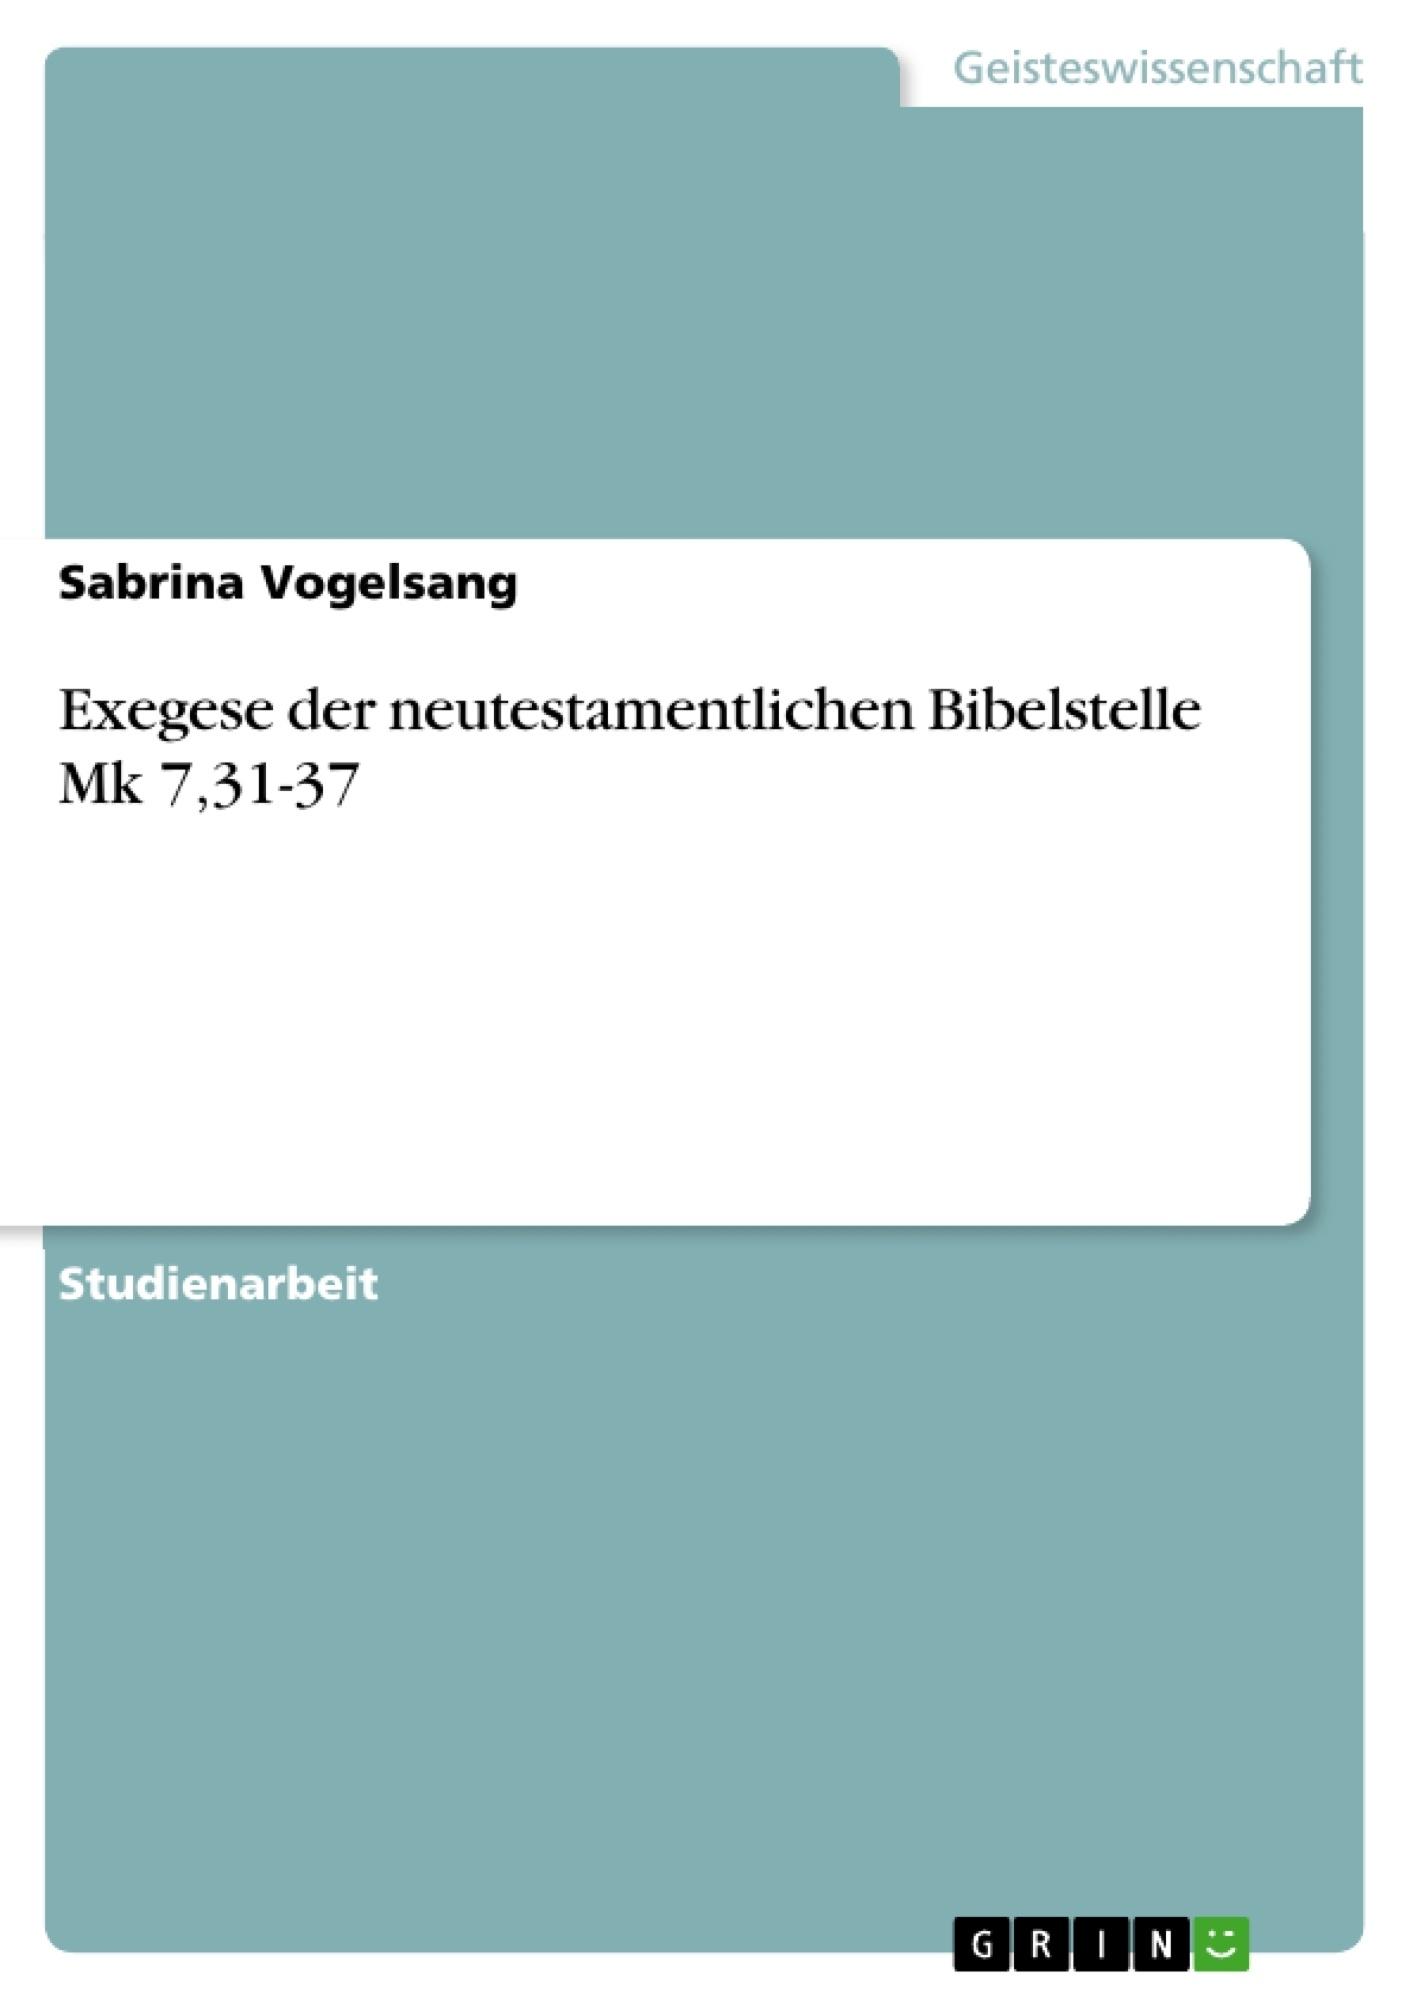 Titel: Exegese der neutestamentlichen Bibelstelle Mk 7,31-37